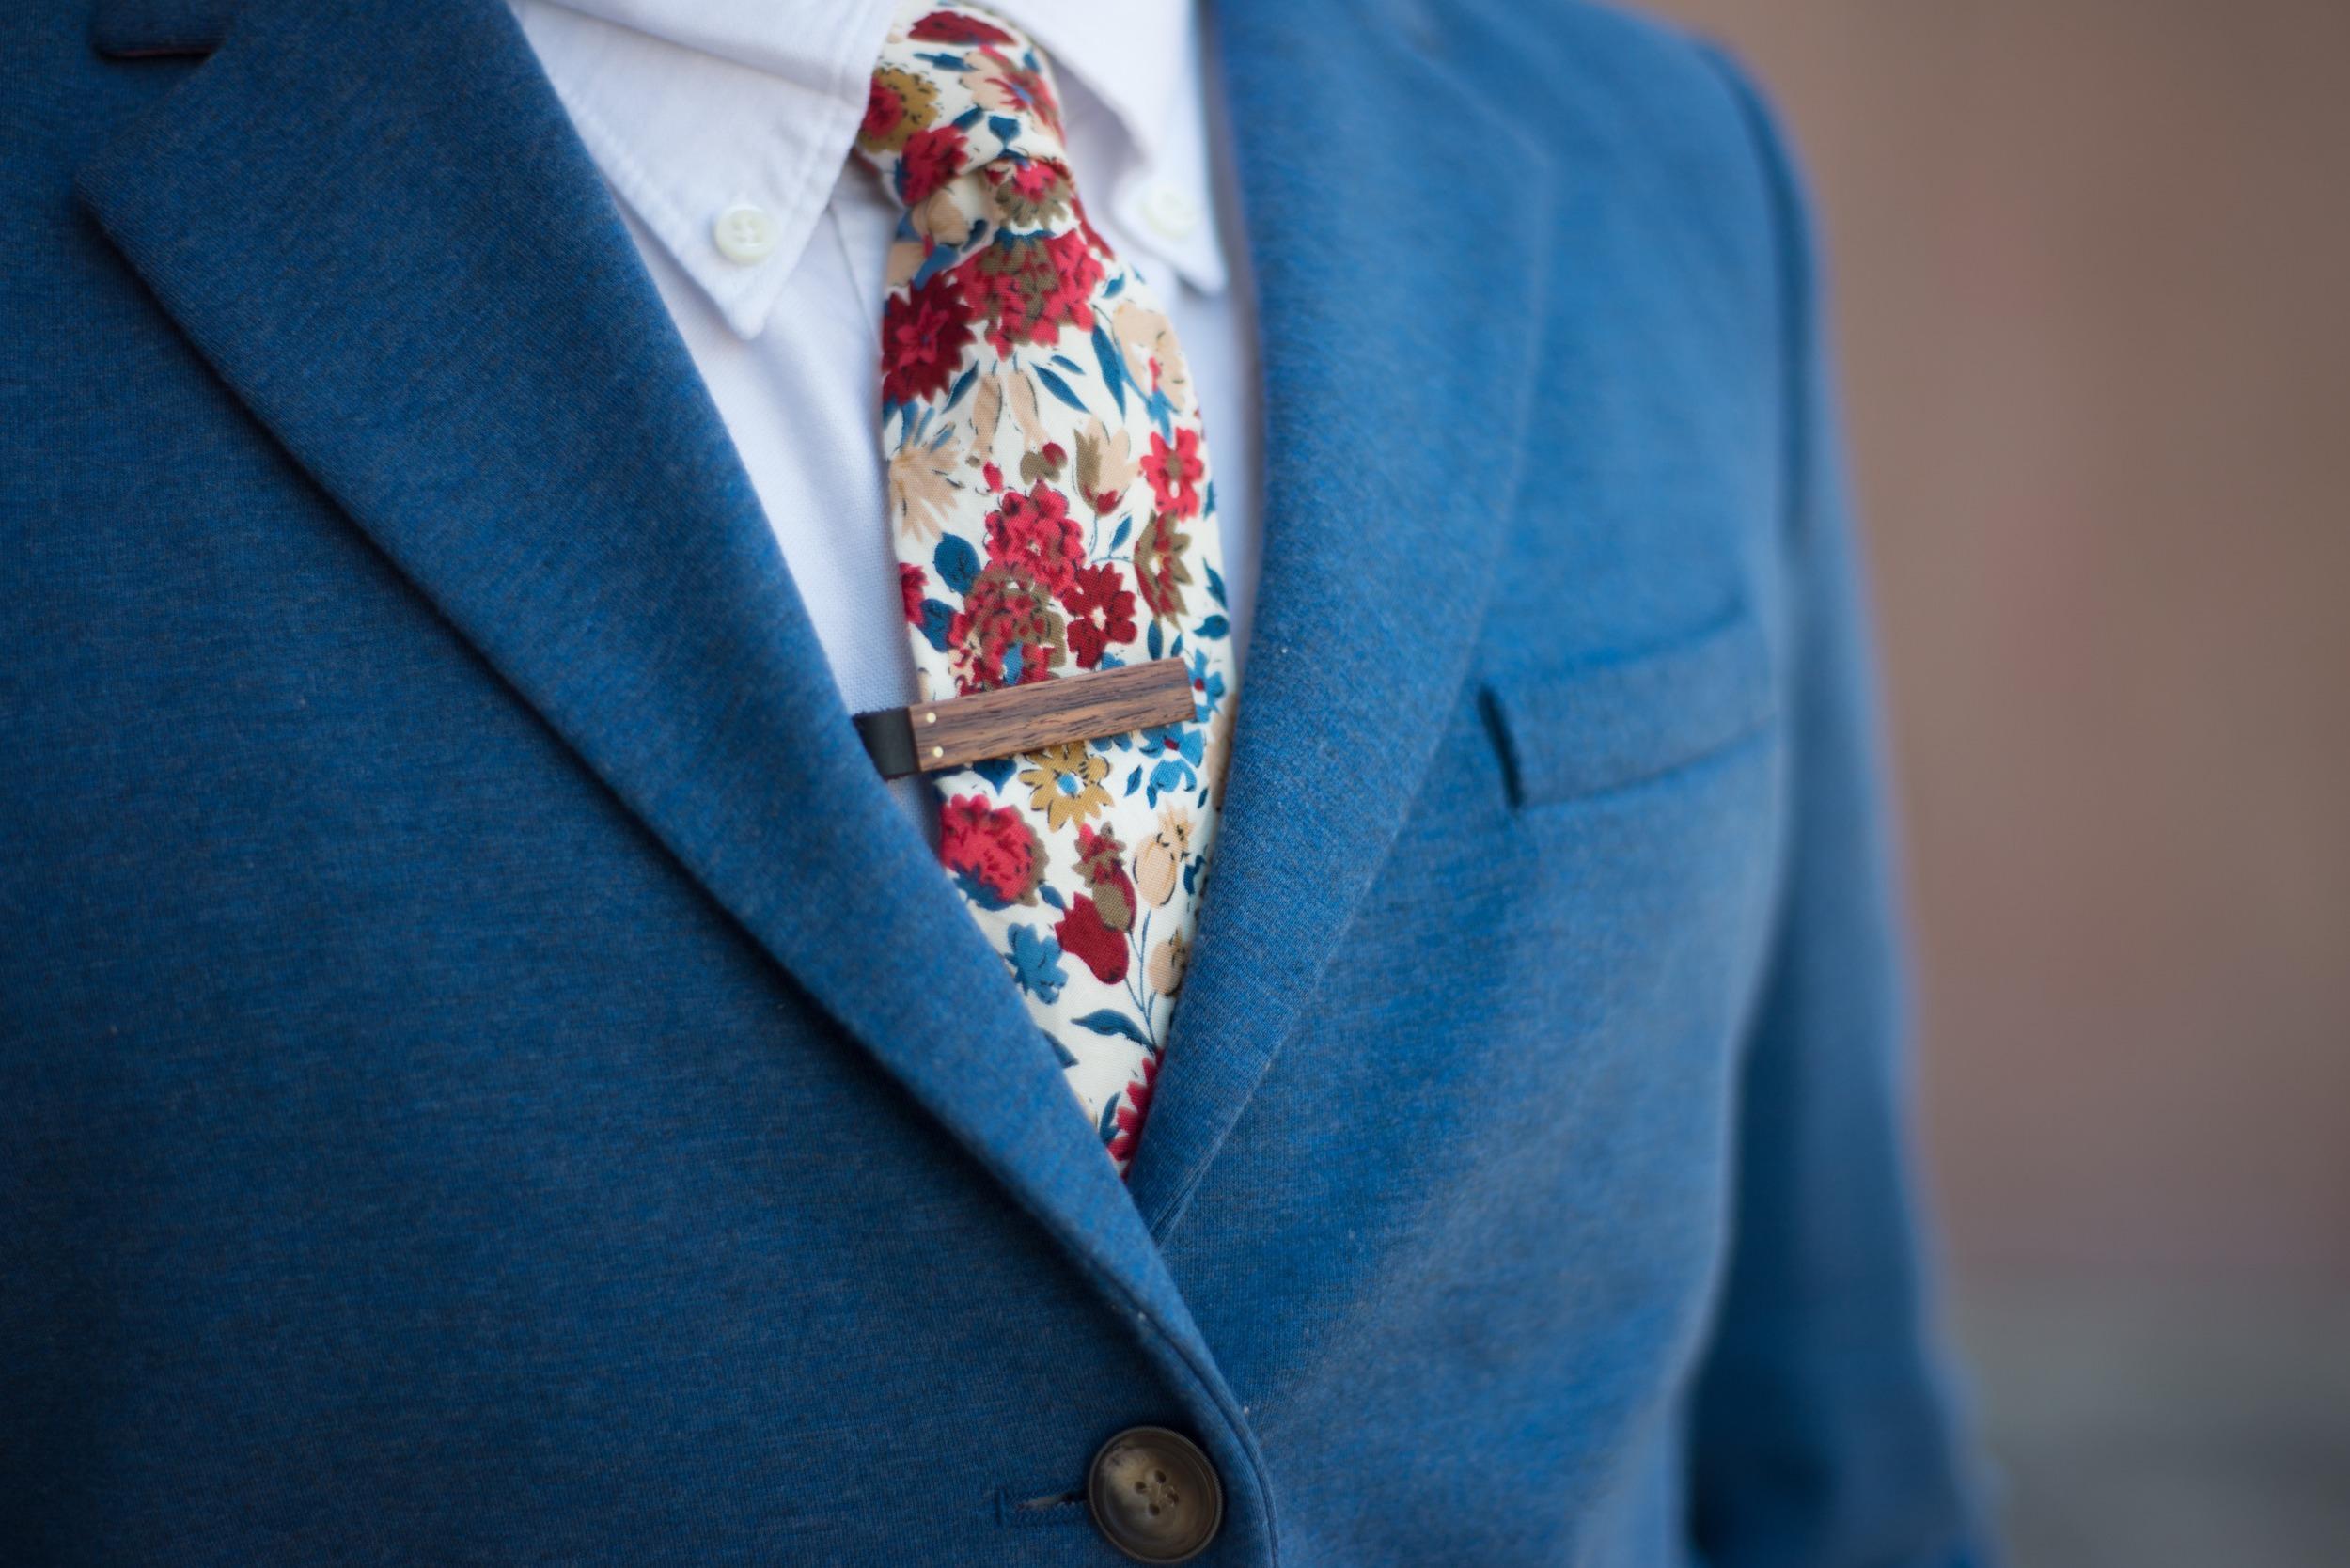 Sonny Tie Clip.jpg